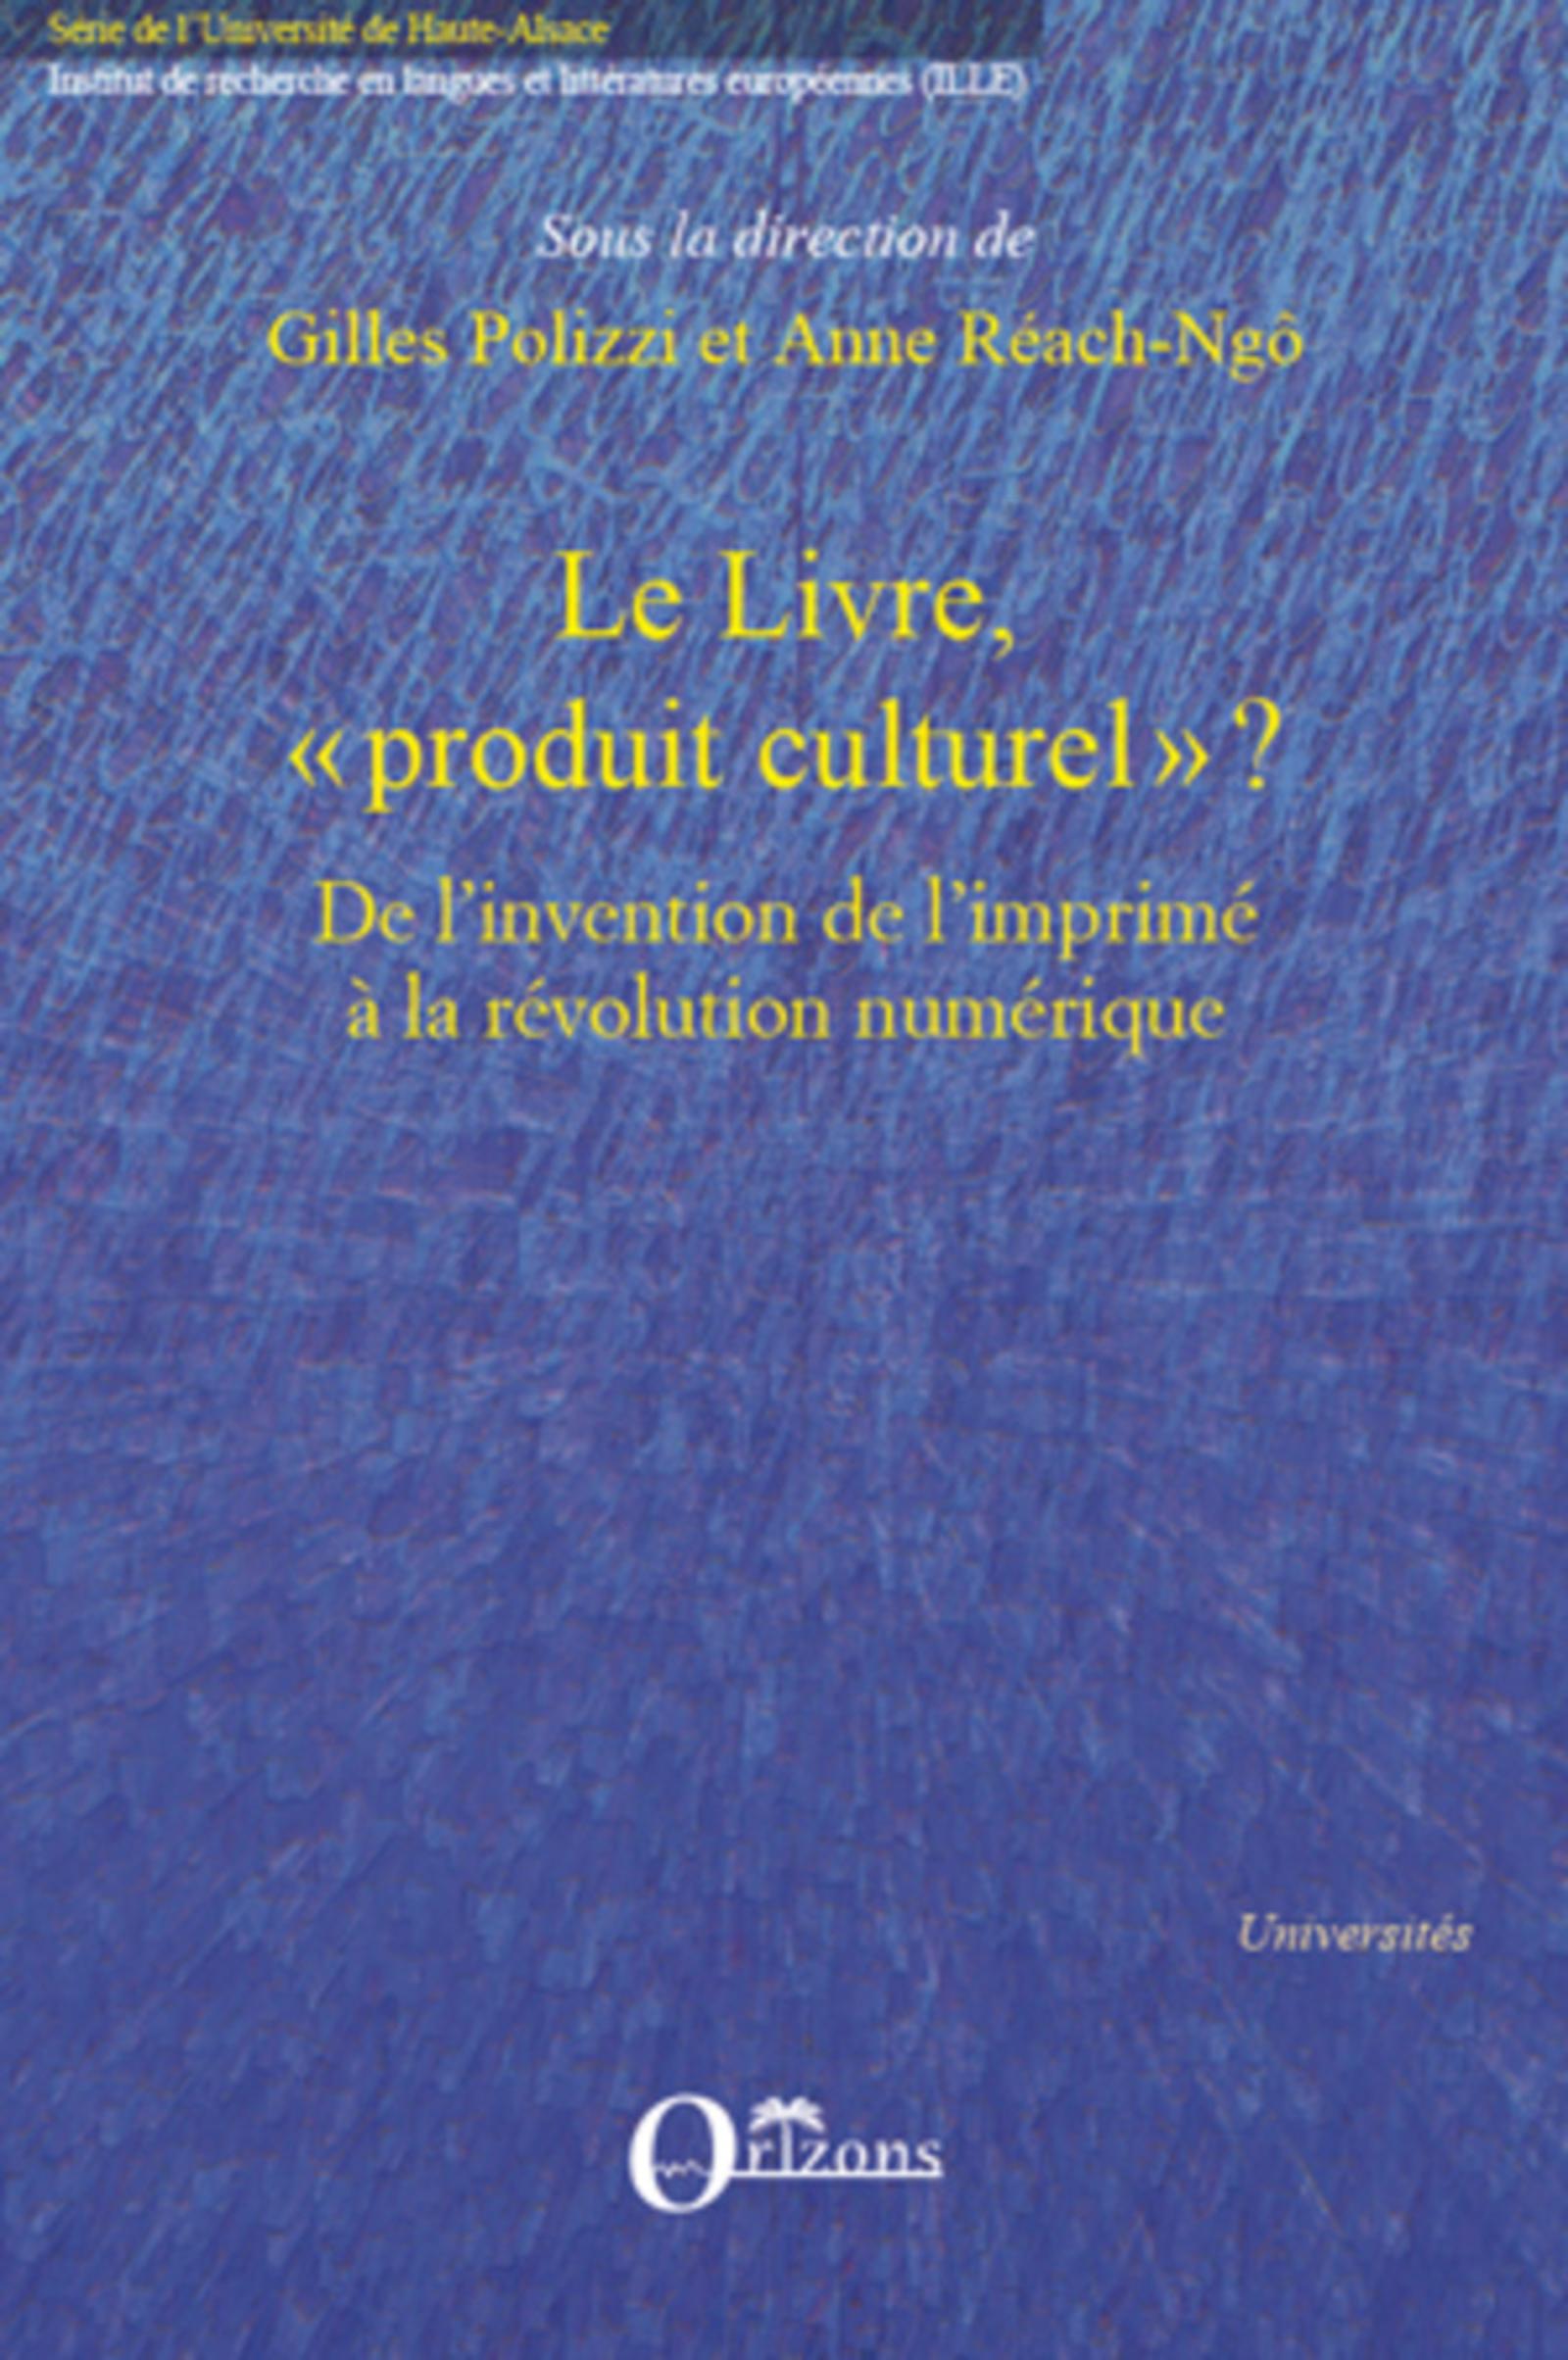 Livre La Culturel Le L'imprimé De À L'invention Produit 70ddEq